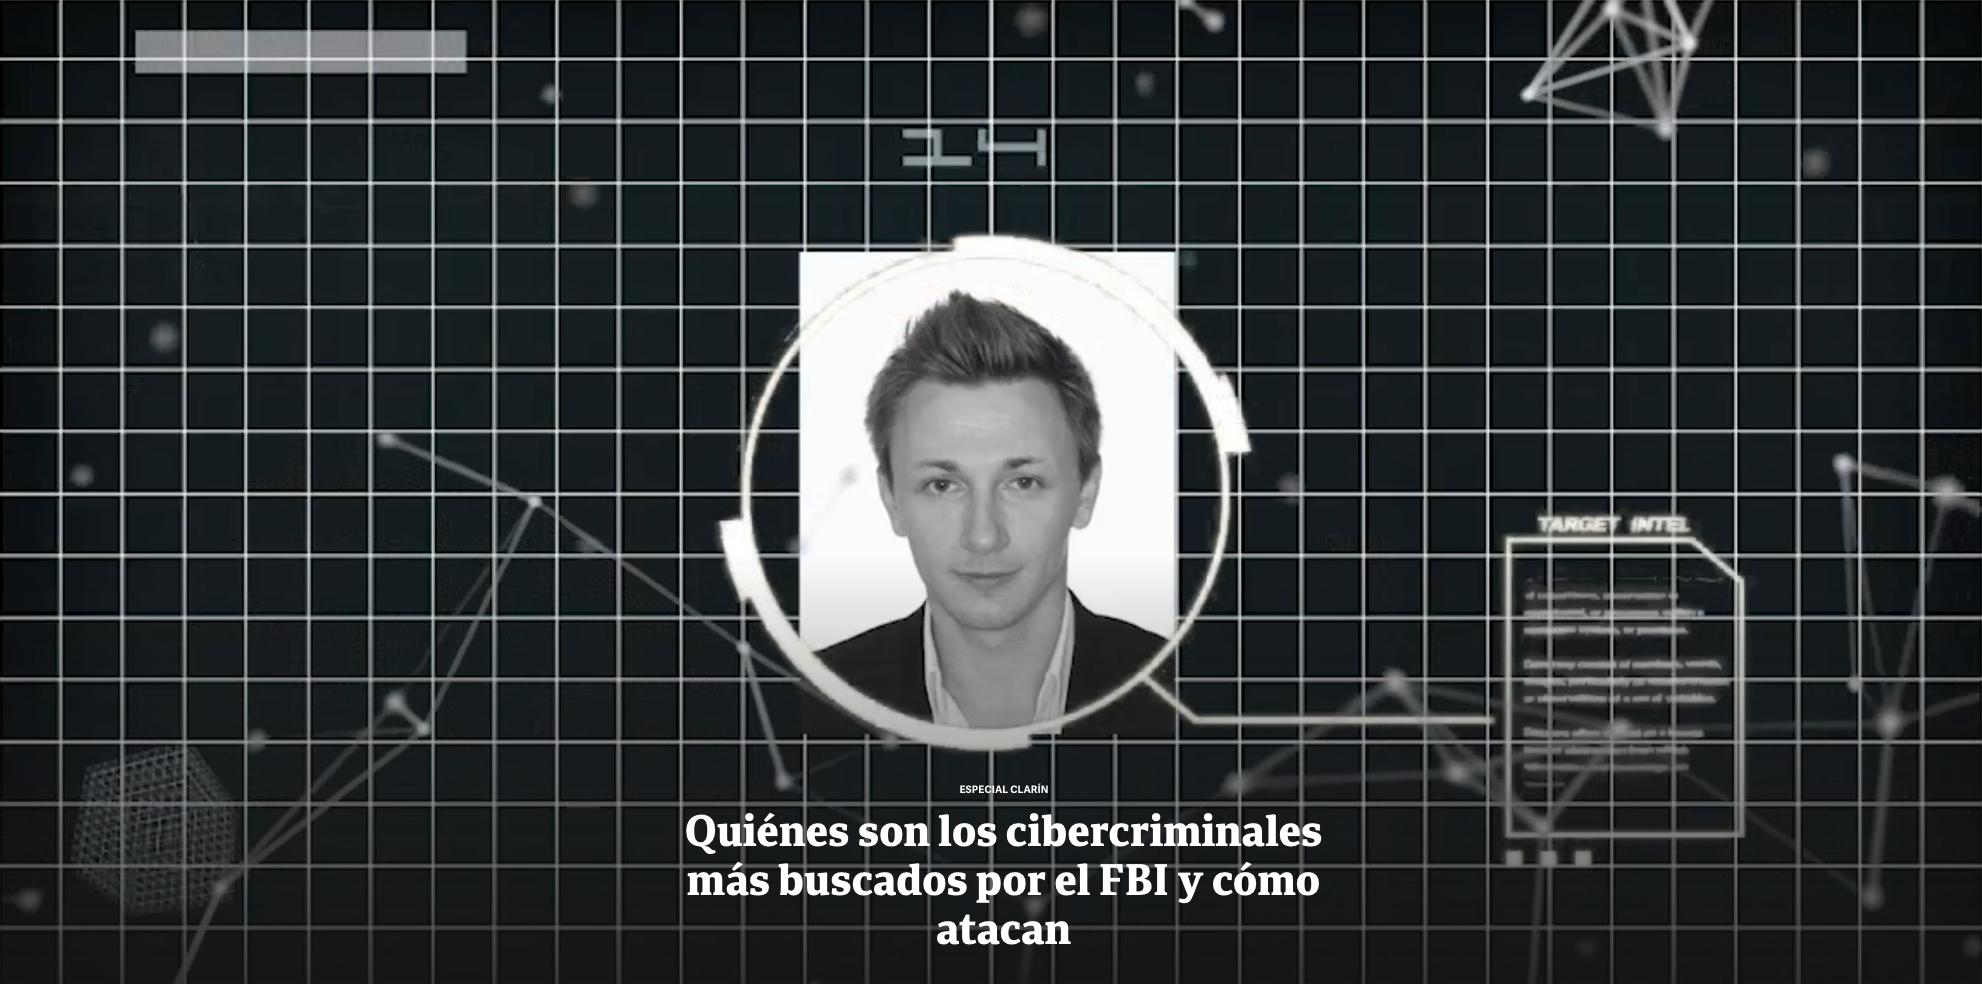 Clarin – Quiénes son los cibercriminales más buscados por el FBI y cómo atacan